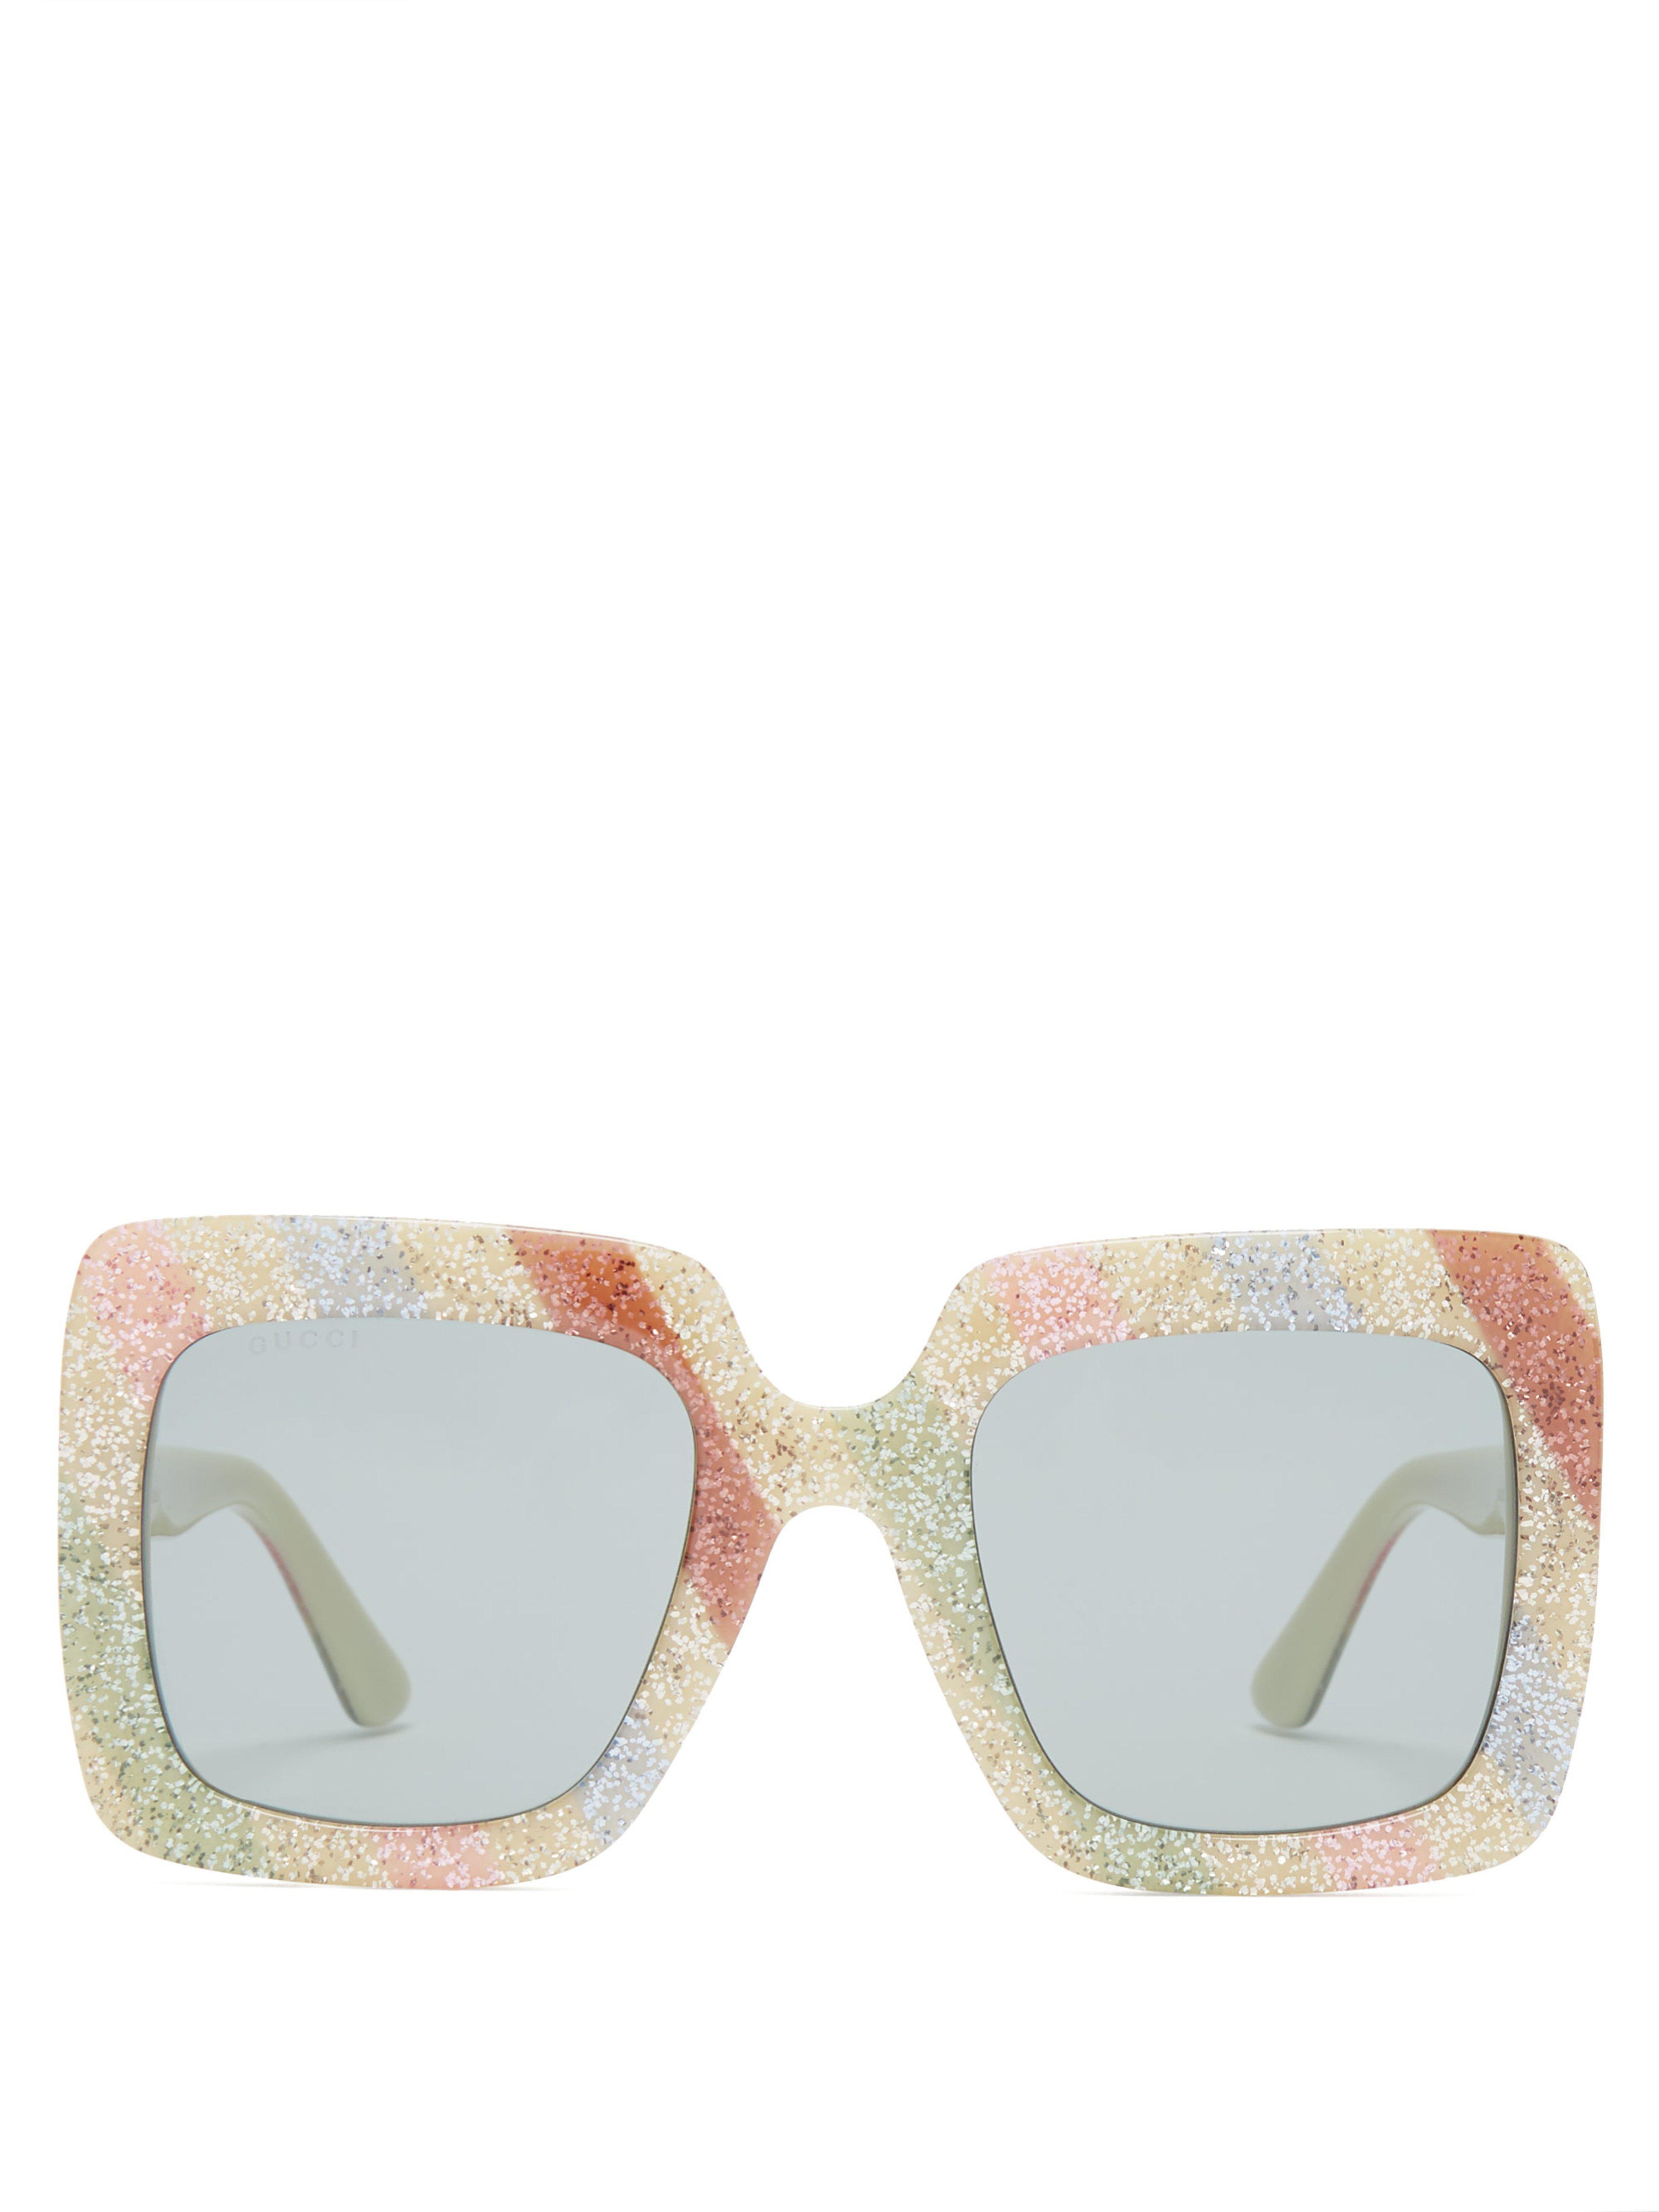 abb6cce6248 Gucci. Women s Glitter Stripe Square Frame Sunglasses